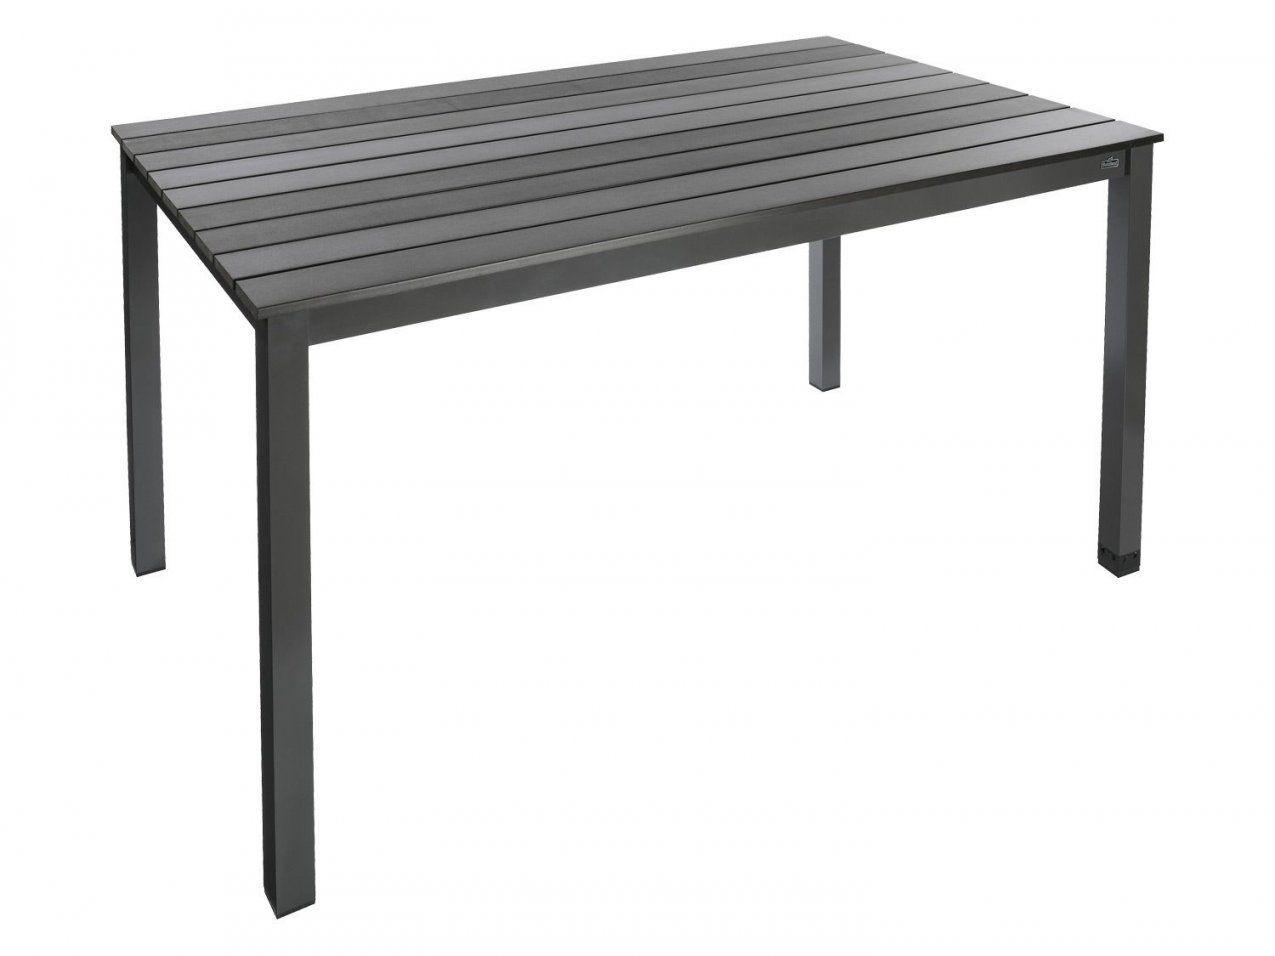 Florabest® Alugartentisch Mit Holzplatte Grau  Lidl Deutschland von Alu Gartentisch Mit Holzplatte Bild